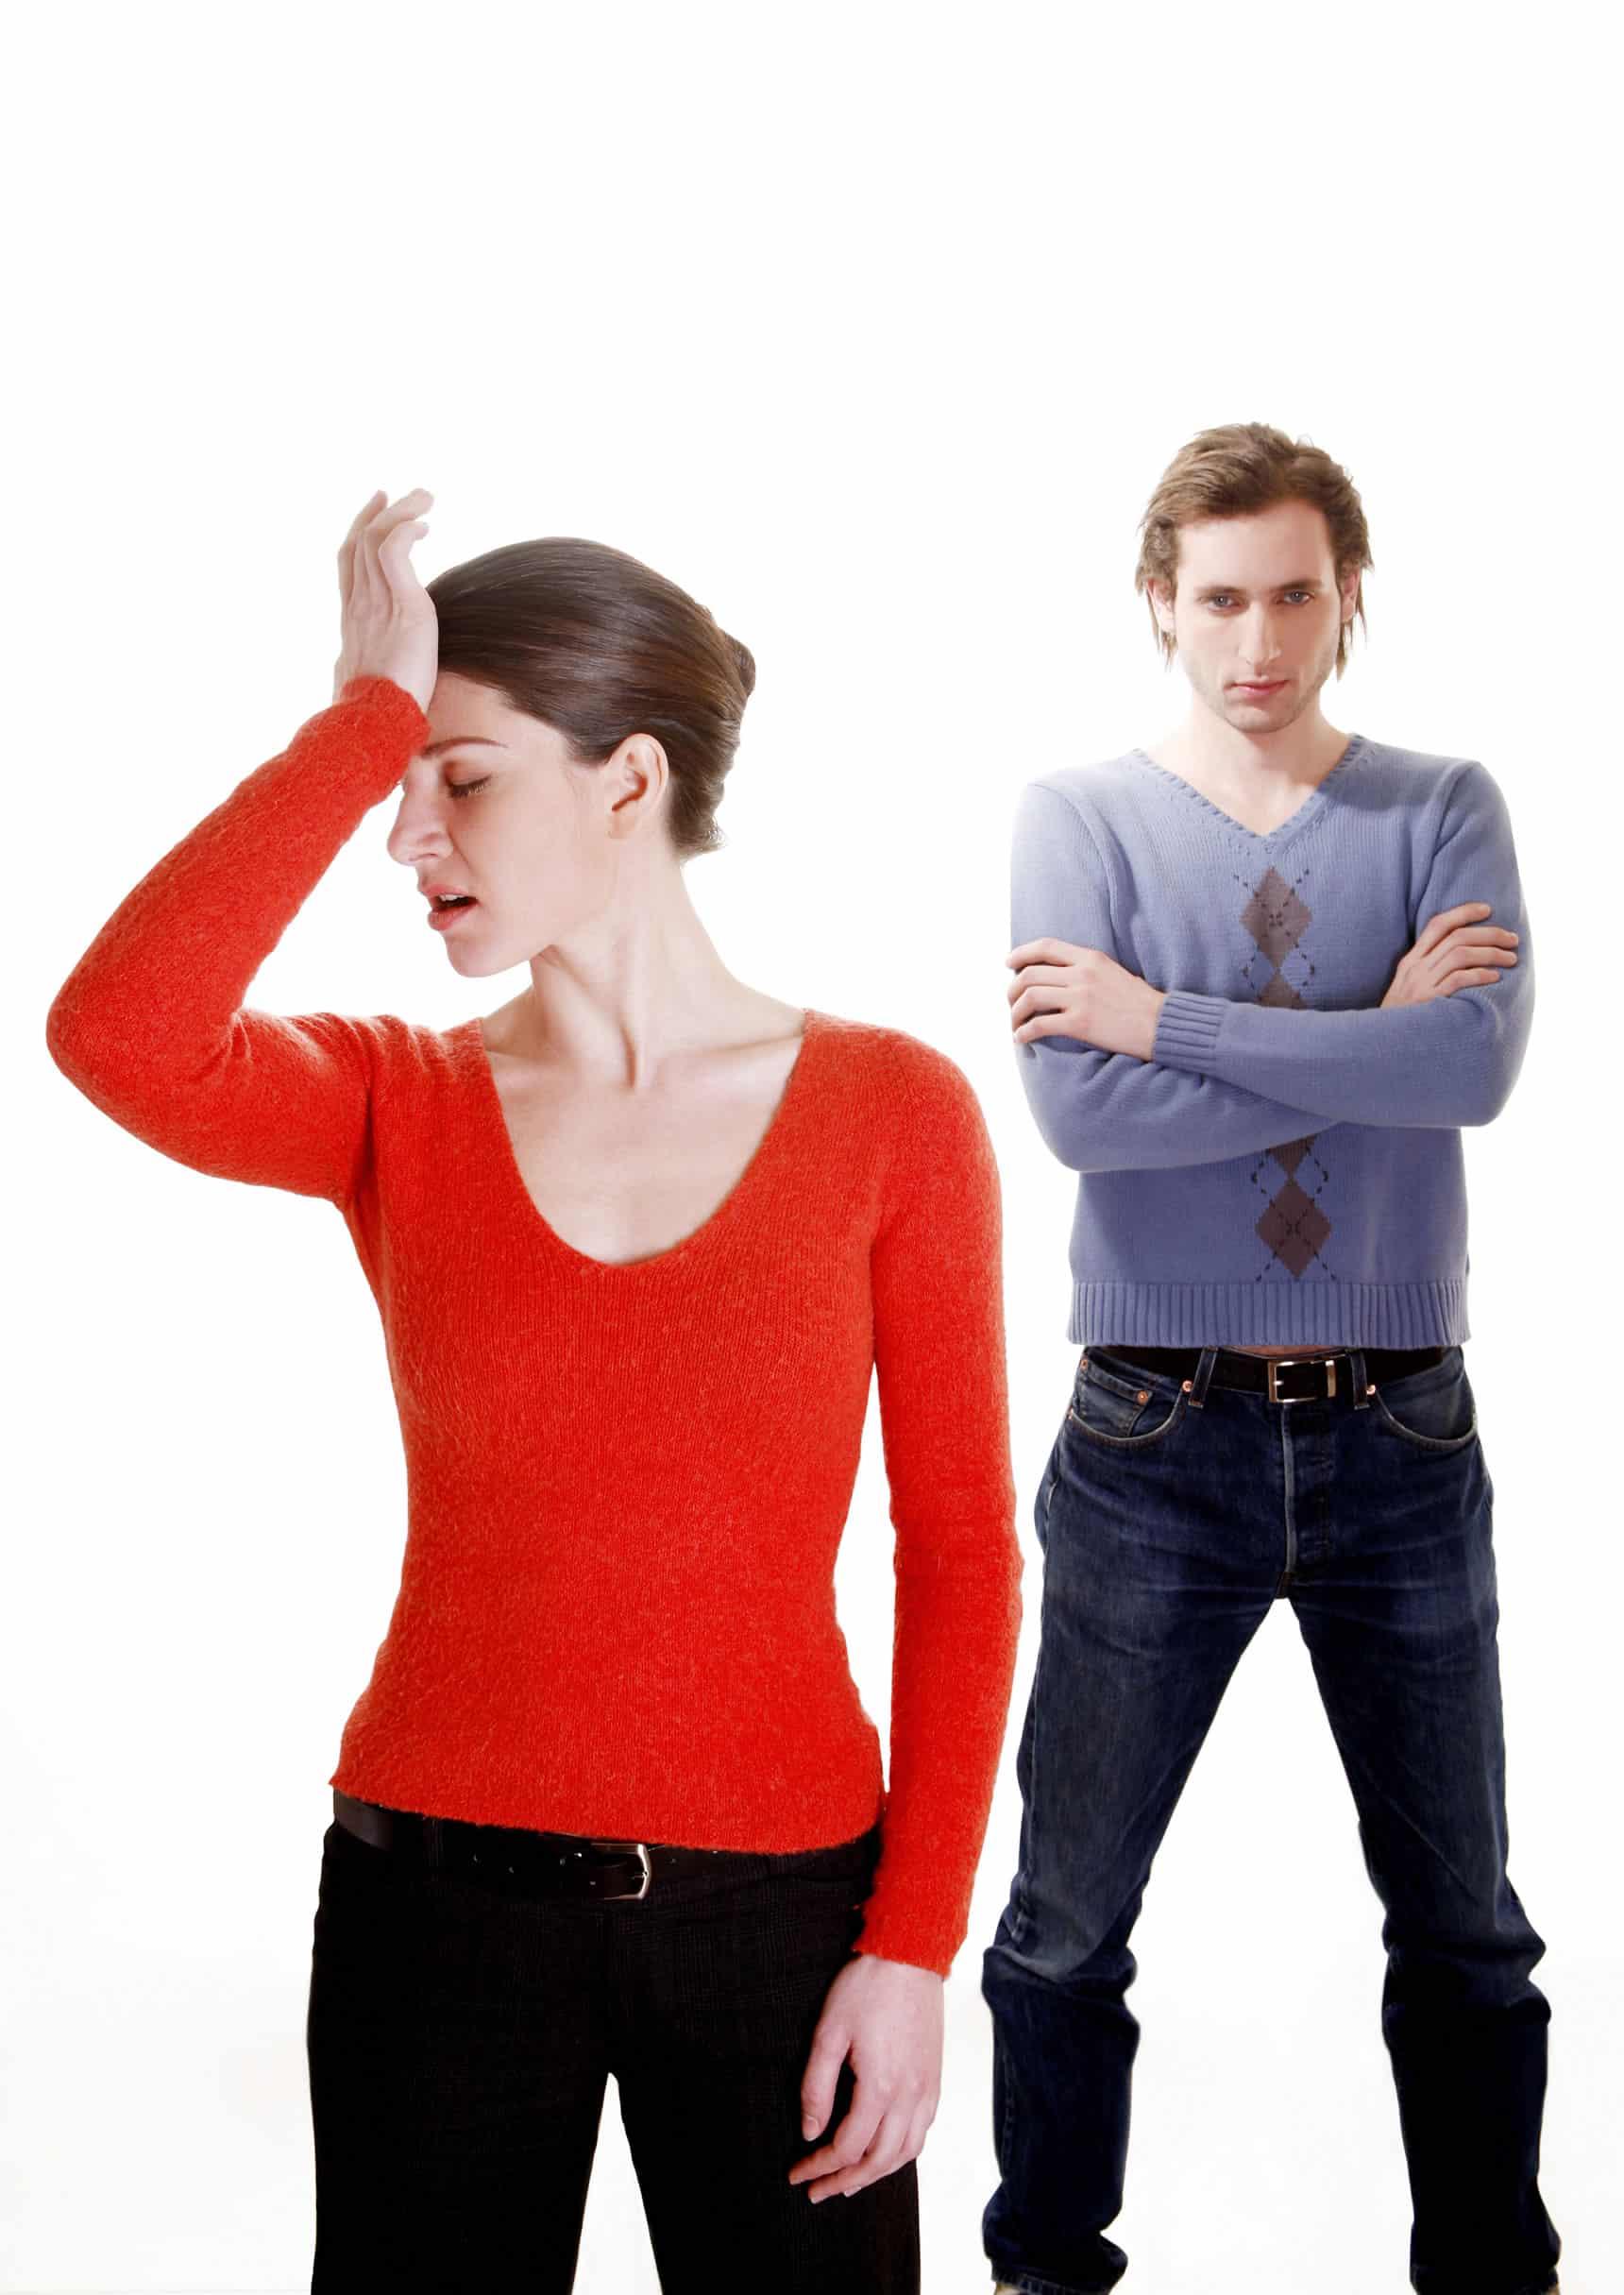 """Intimidade emocional se foi ou diminuiu profundamente. É quase um clichê para dois parceiros sentir que a """"faísca"""" desapareceu depois de passar uma década ou mais juntos, e que eles são mais companheiros de quarto do que almas gêmeas. Às vezes, isso acontece porque a rotina da vida cotidiana começou a eclipsar a capacidade de se conectar, e é simplesmente uma questão de voltar a priorizar. Outras vezes, pode ser mais insidioso e representar dois parceiros que vêm se distanciando silenciosamente, mudando de maneira incompatível por um longo período ou até mesmo aprendendo a suprir suas necessidades em outro lugar."""